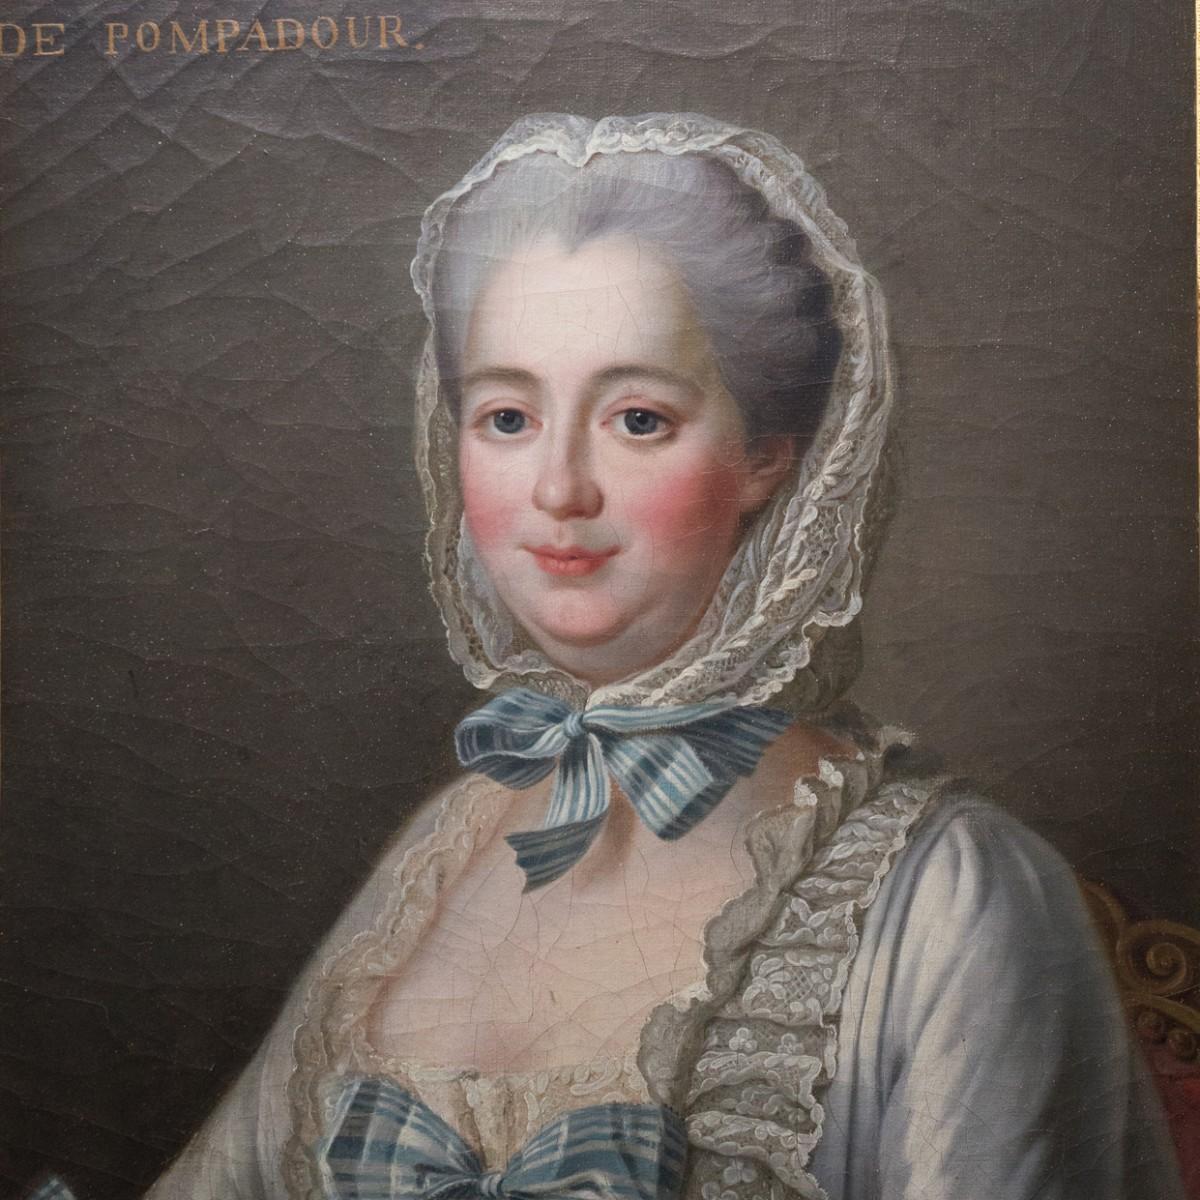 DROUAIS François-Hubert, d'après - Portrait de Madame de Pompadour - XIXe  siècle - N.81103